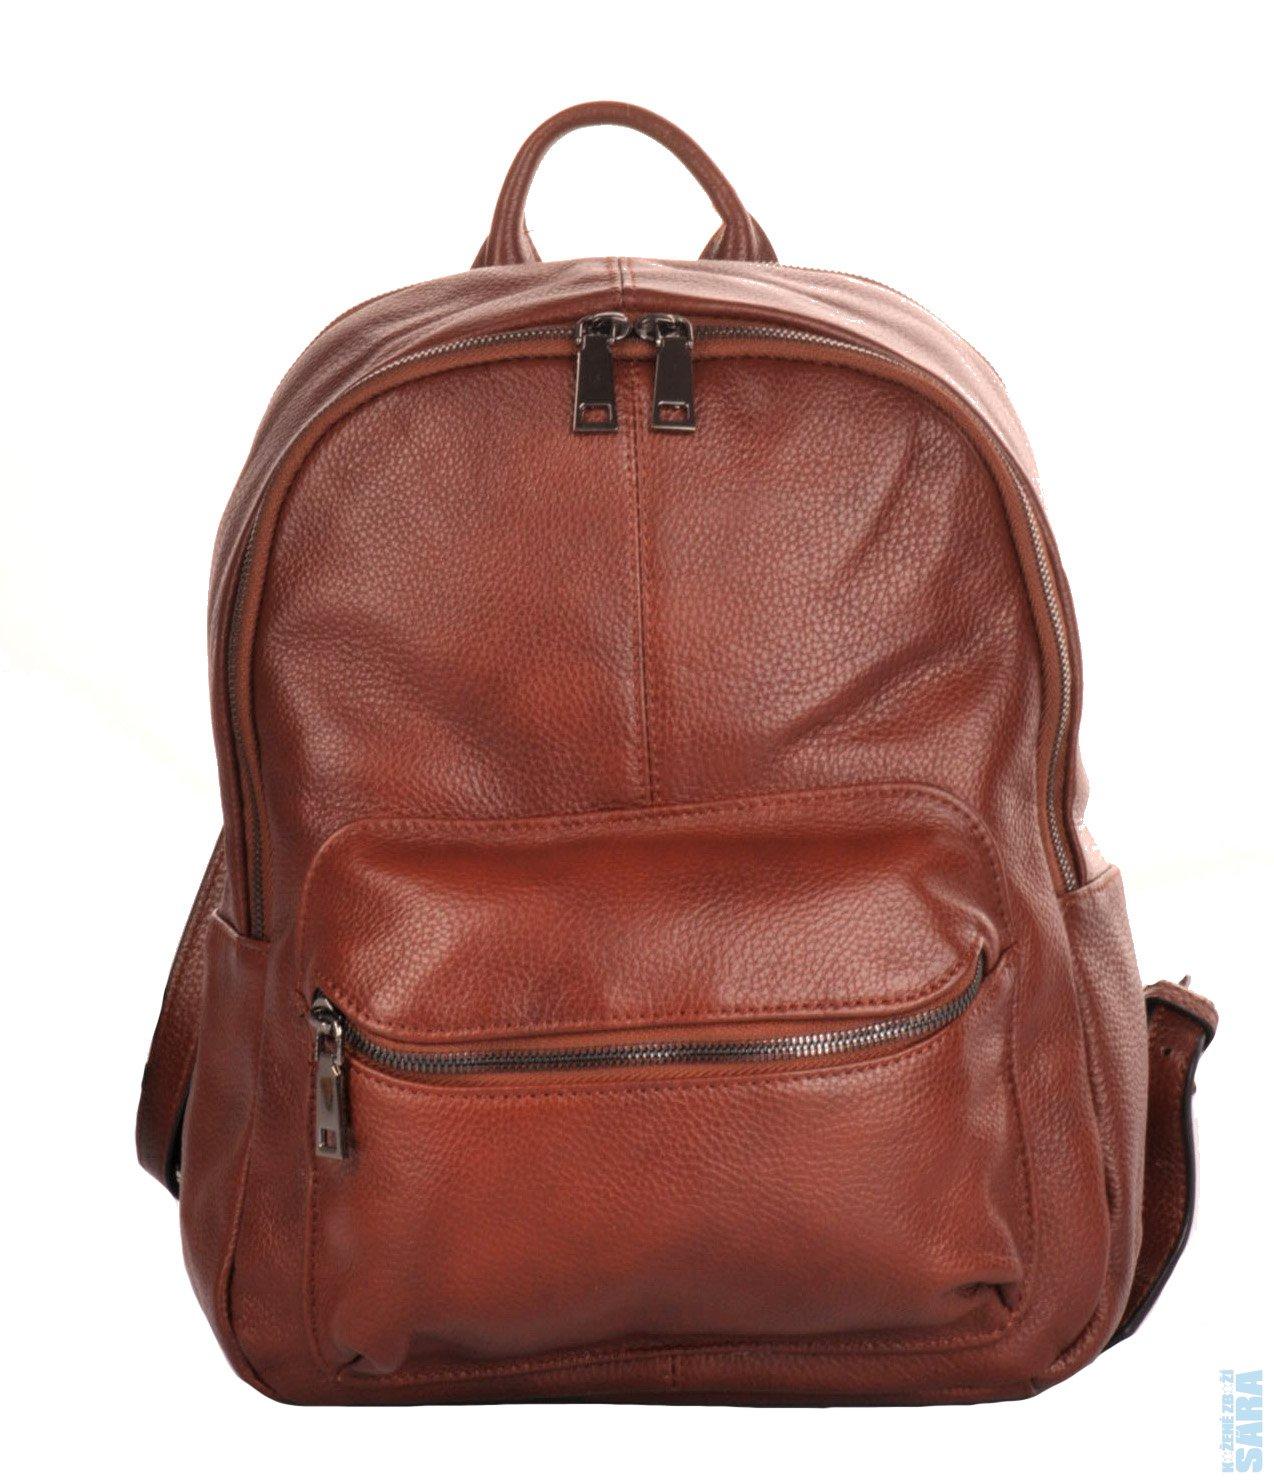 22559afdd2d dámský kožený batoh M892 hnědý